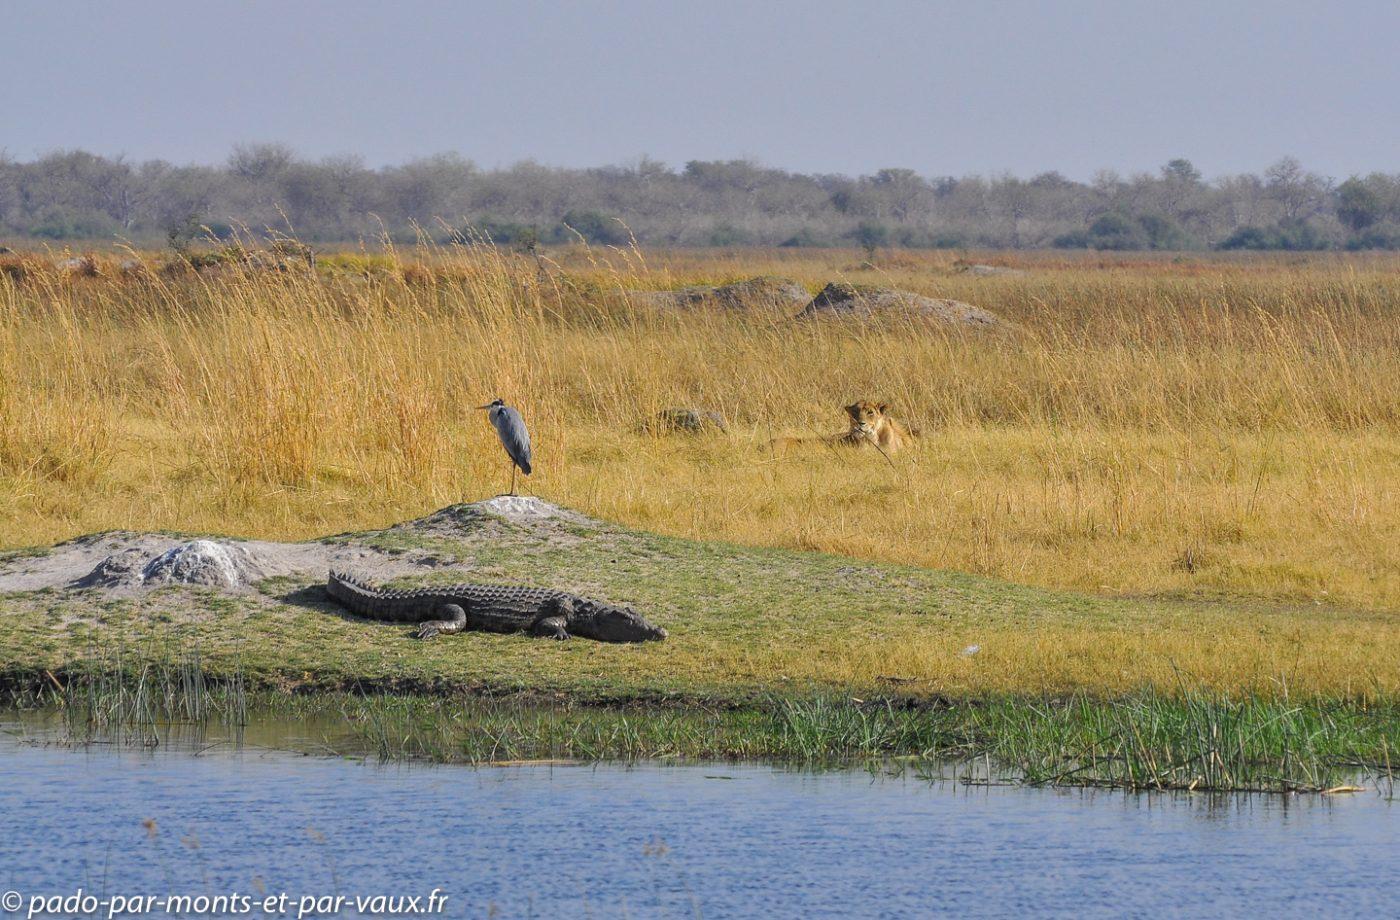 Botswana 2013 -Moremi - Héron cendre Crocodile et lionne